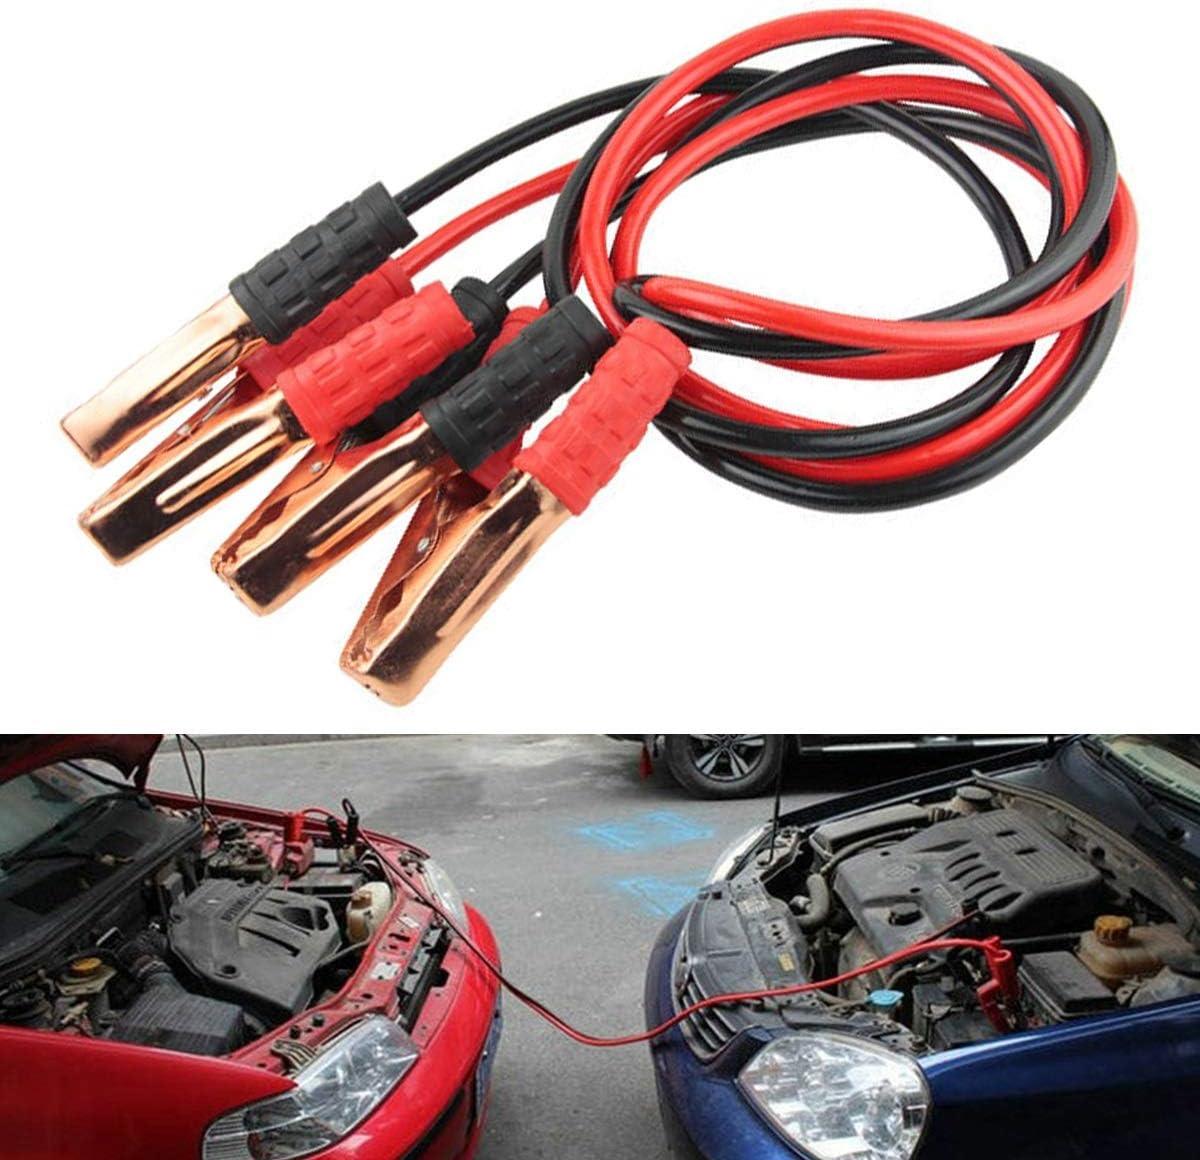 Dibiao 500A batterie de secours de cavalier de d/émarreur de batterie de secours de c/âbles dappoint de voiture supportable de c/âbles pour le camion dessence diesel de voiture